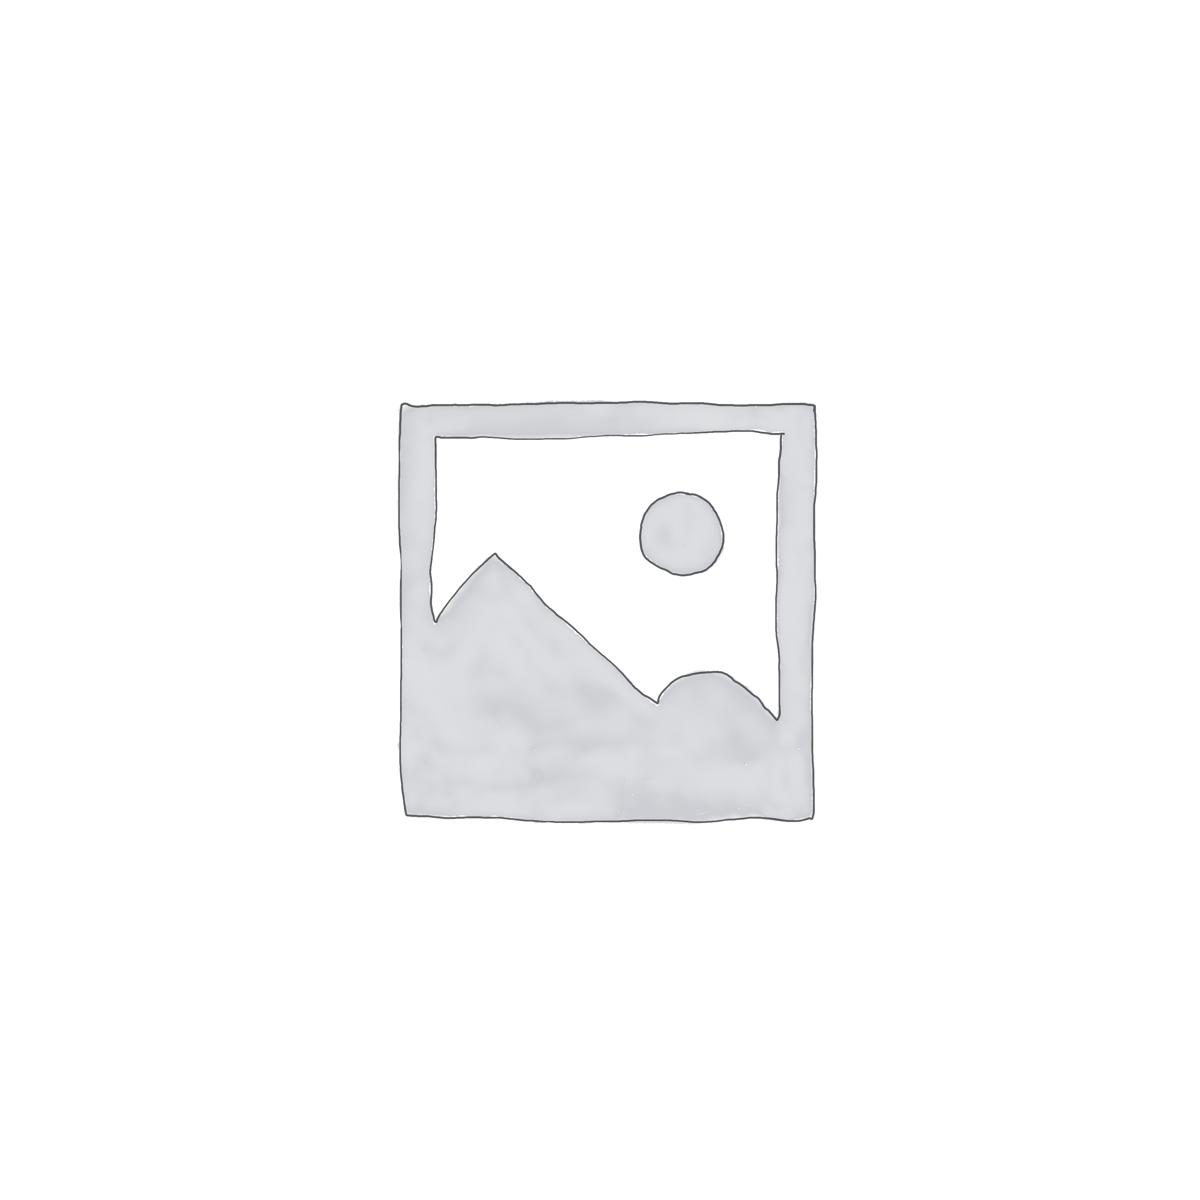 Retro Japanese Artistic Girl Wallpaper Mural